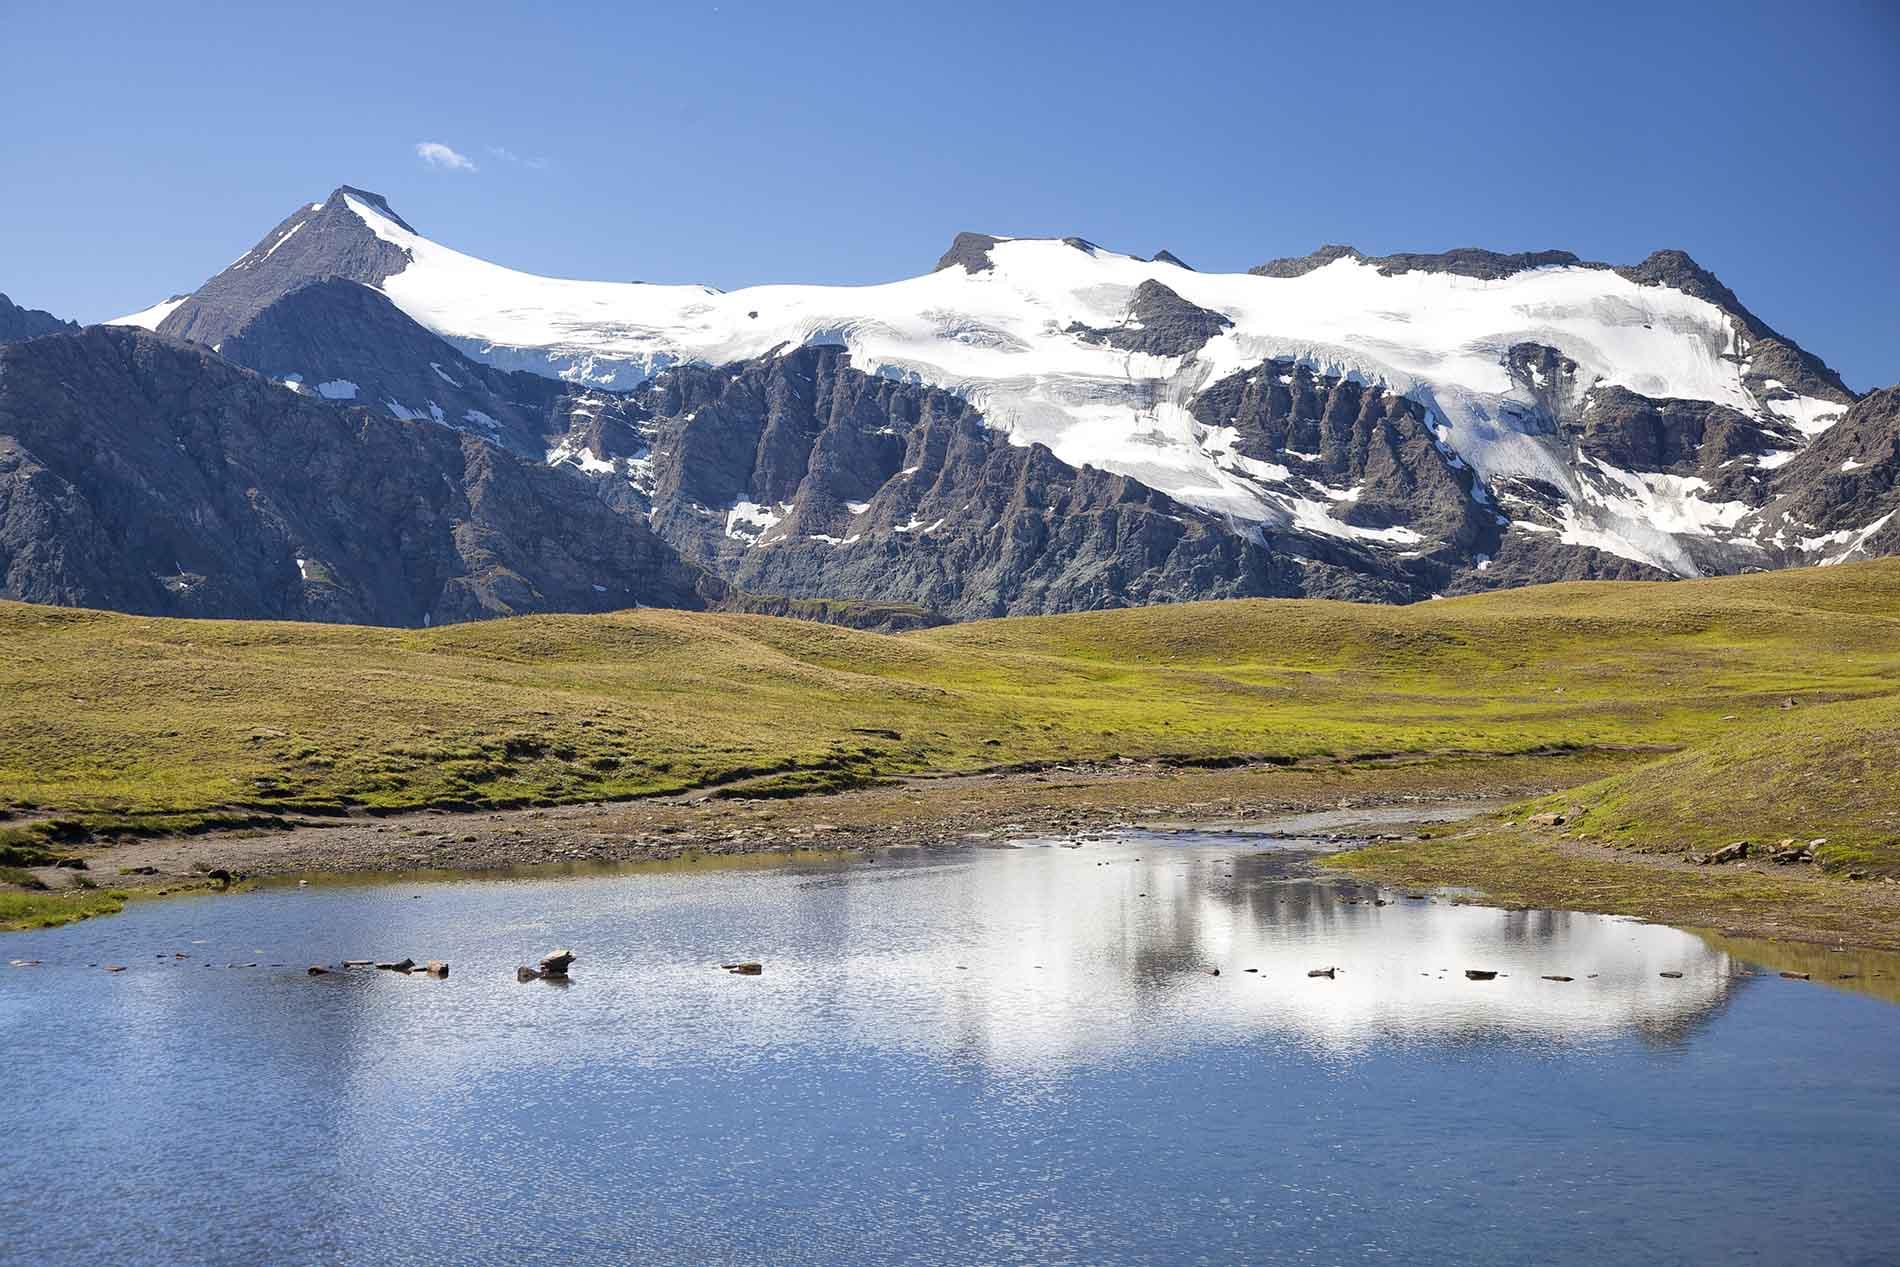 L'albaron et les glaciers du vallonet 3637 m